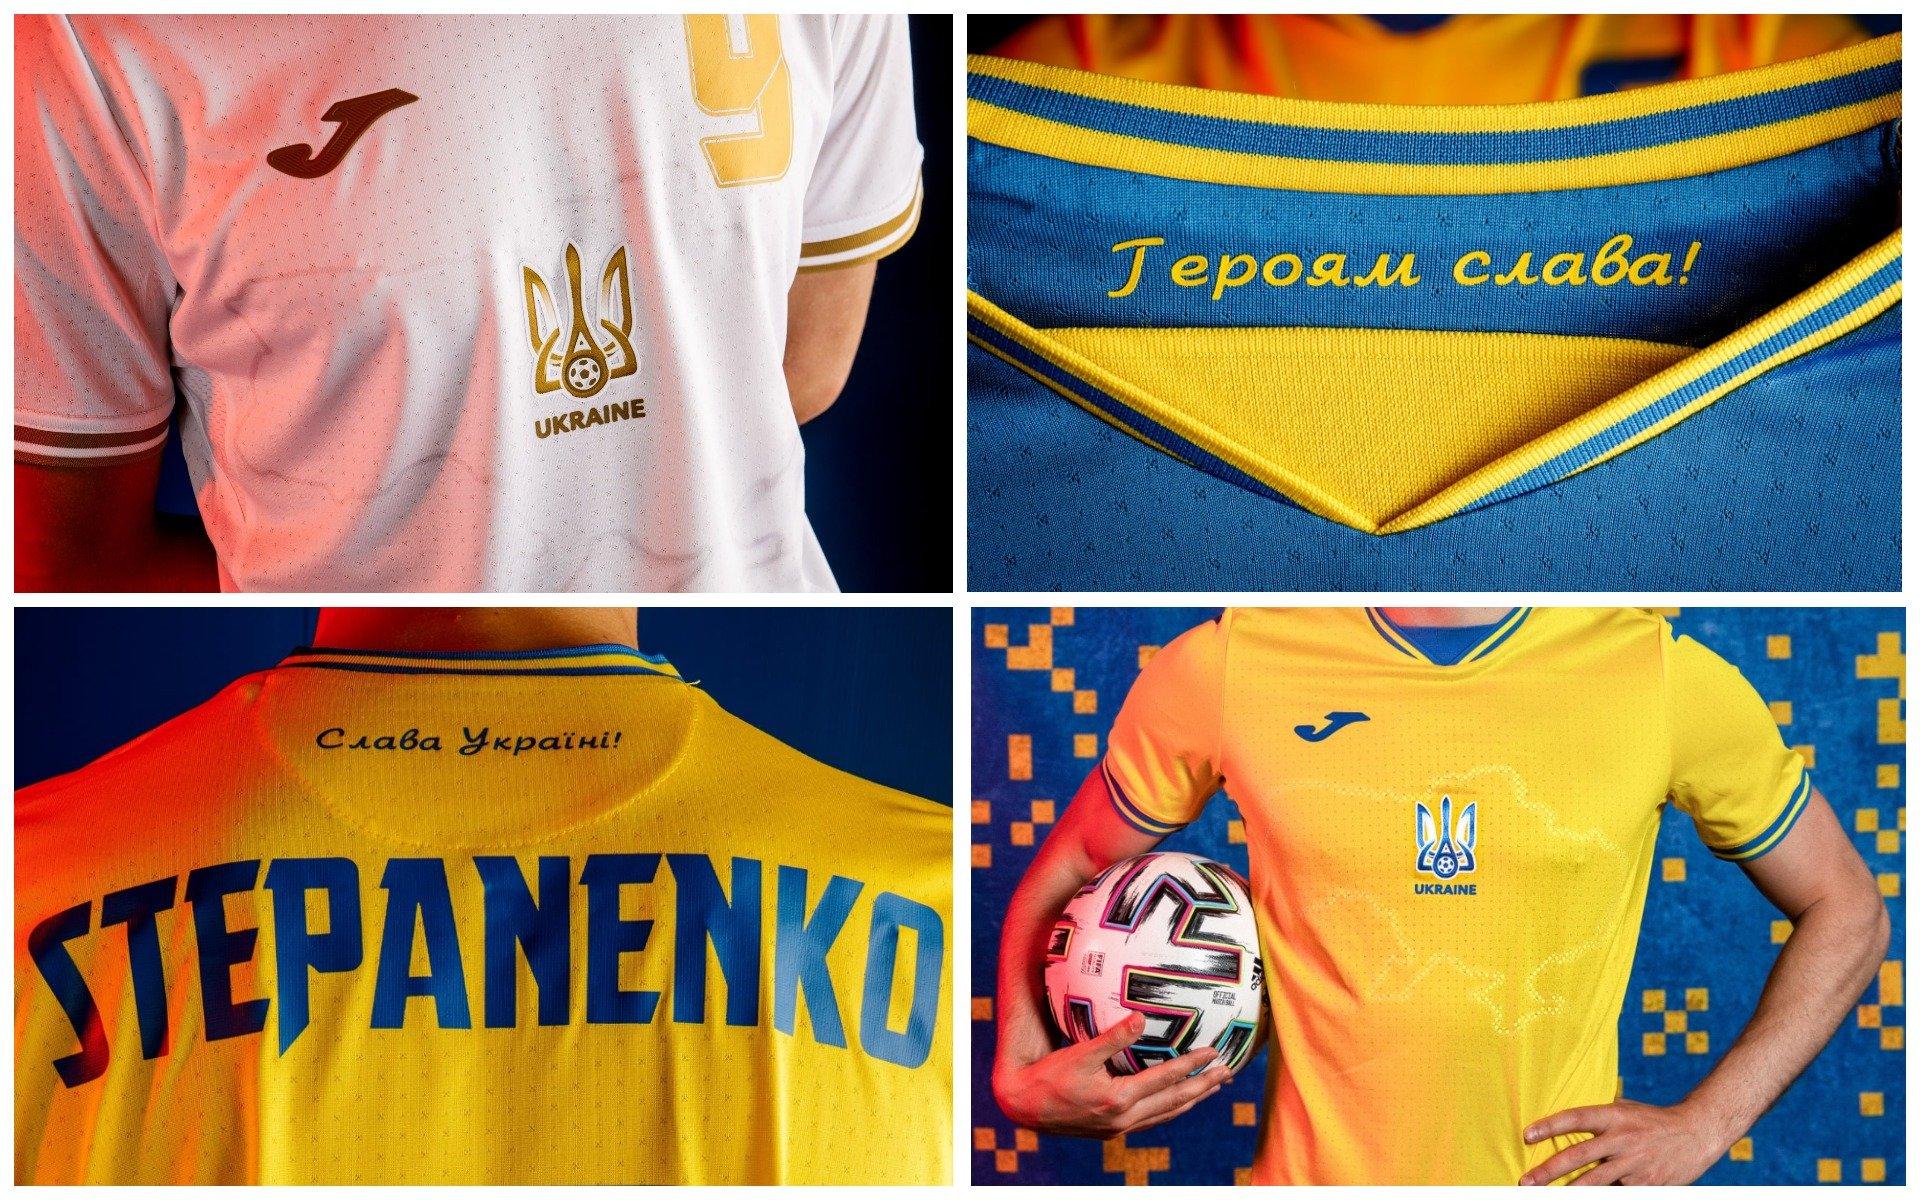 Украина намерена оставить слоган «Героям слава» на форме, несмотря на запрет УЕФА